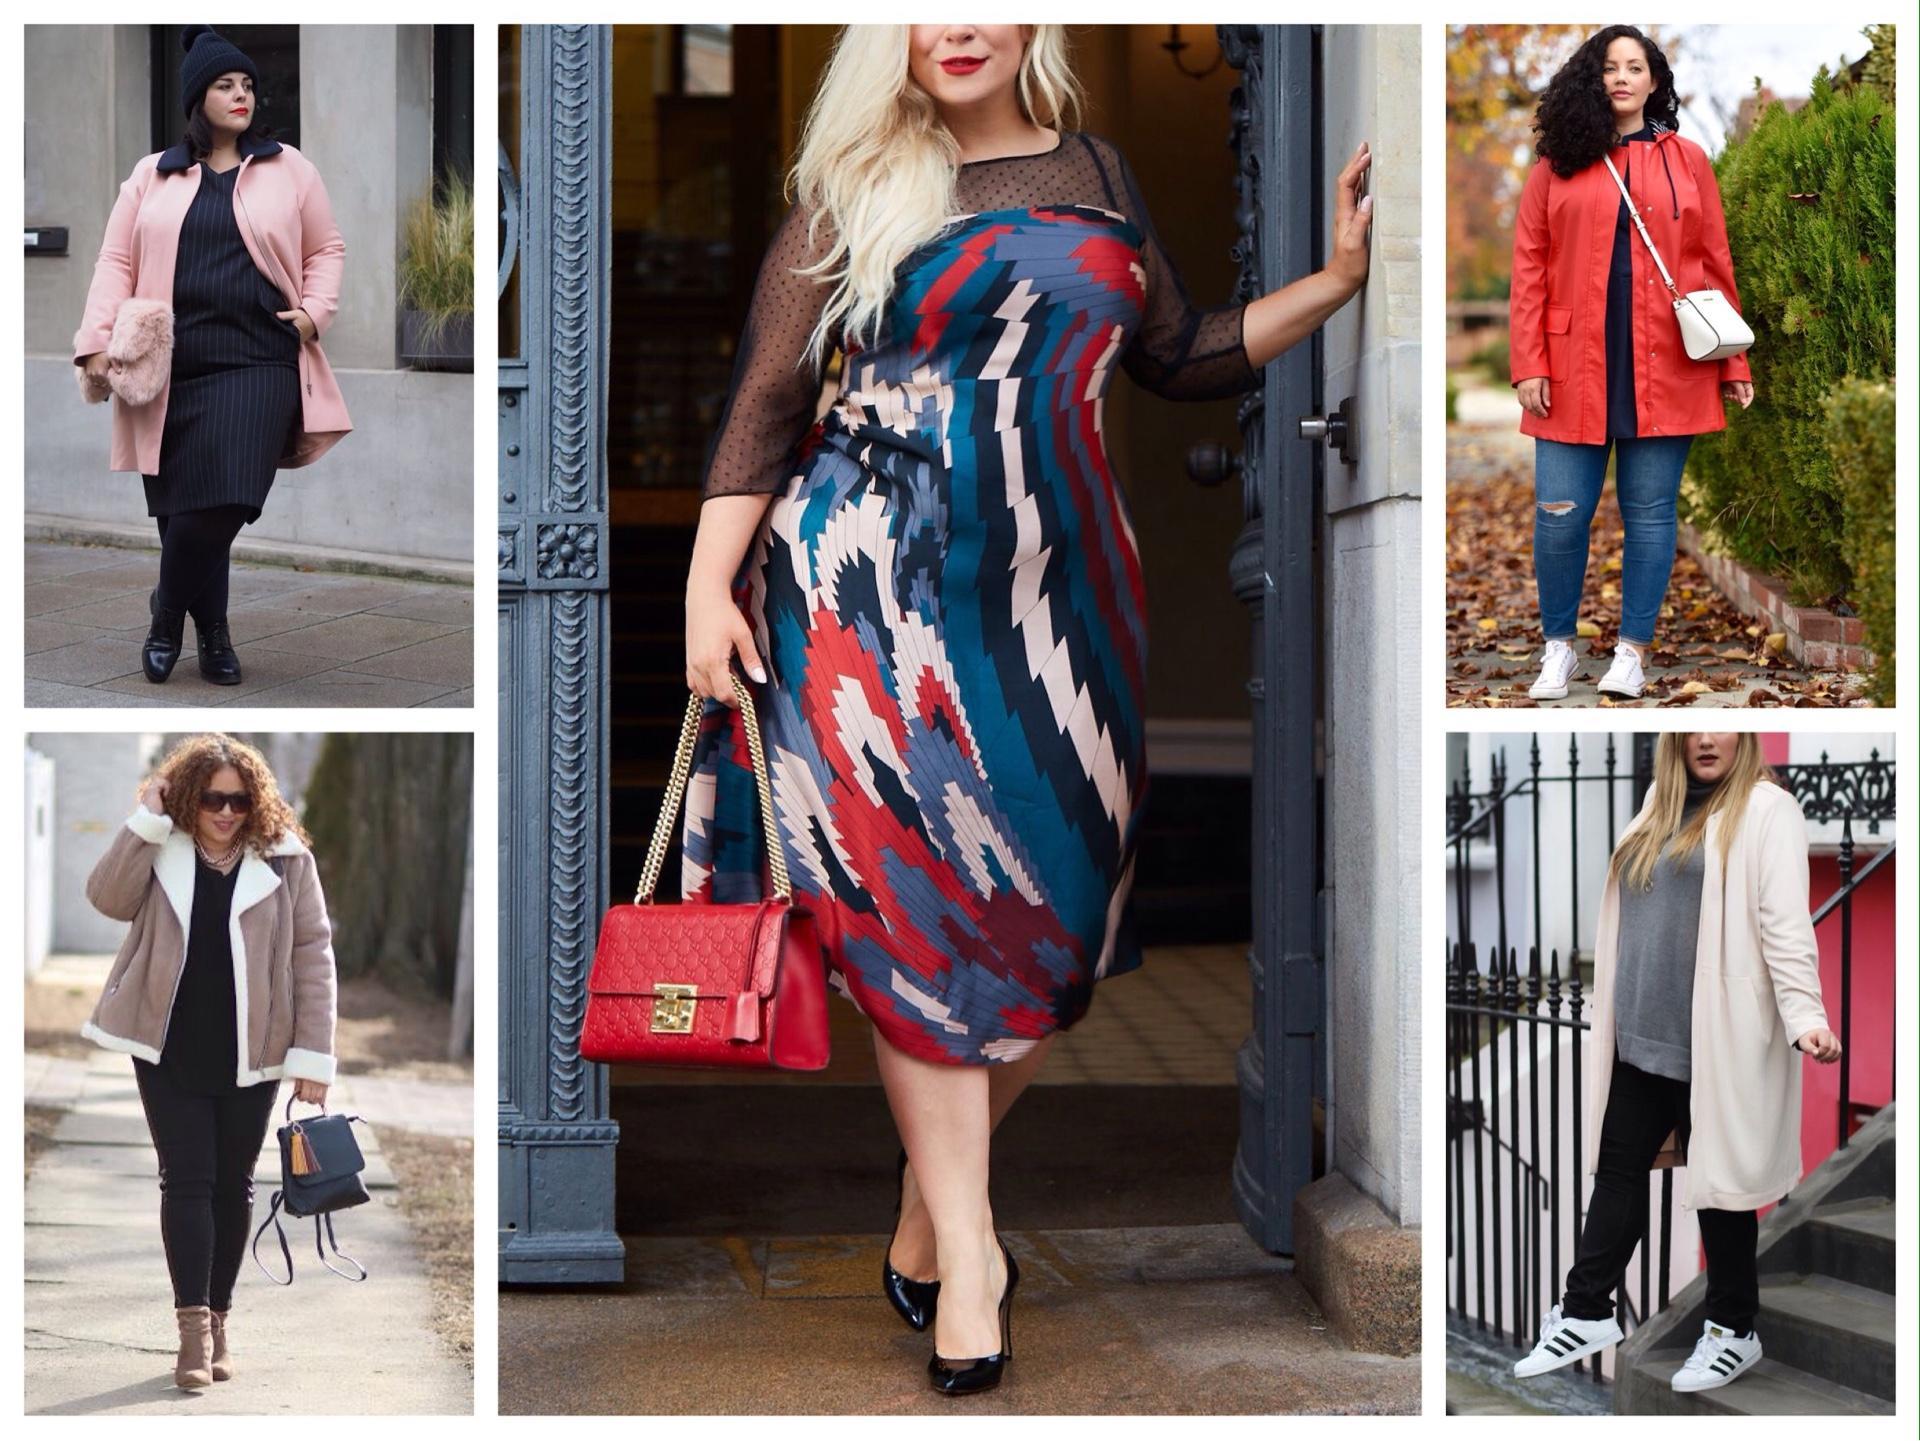 bdd00af39204007 Одежда для полных женщин: составляем правильный гардероб